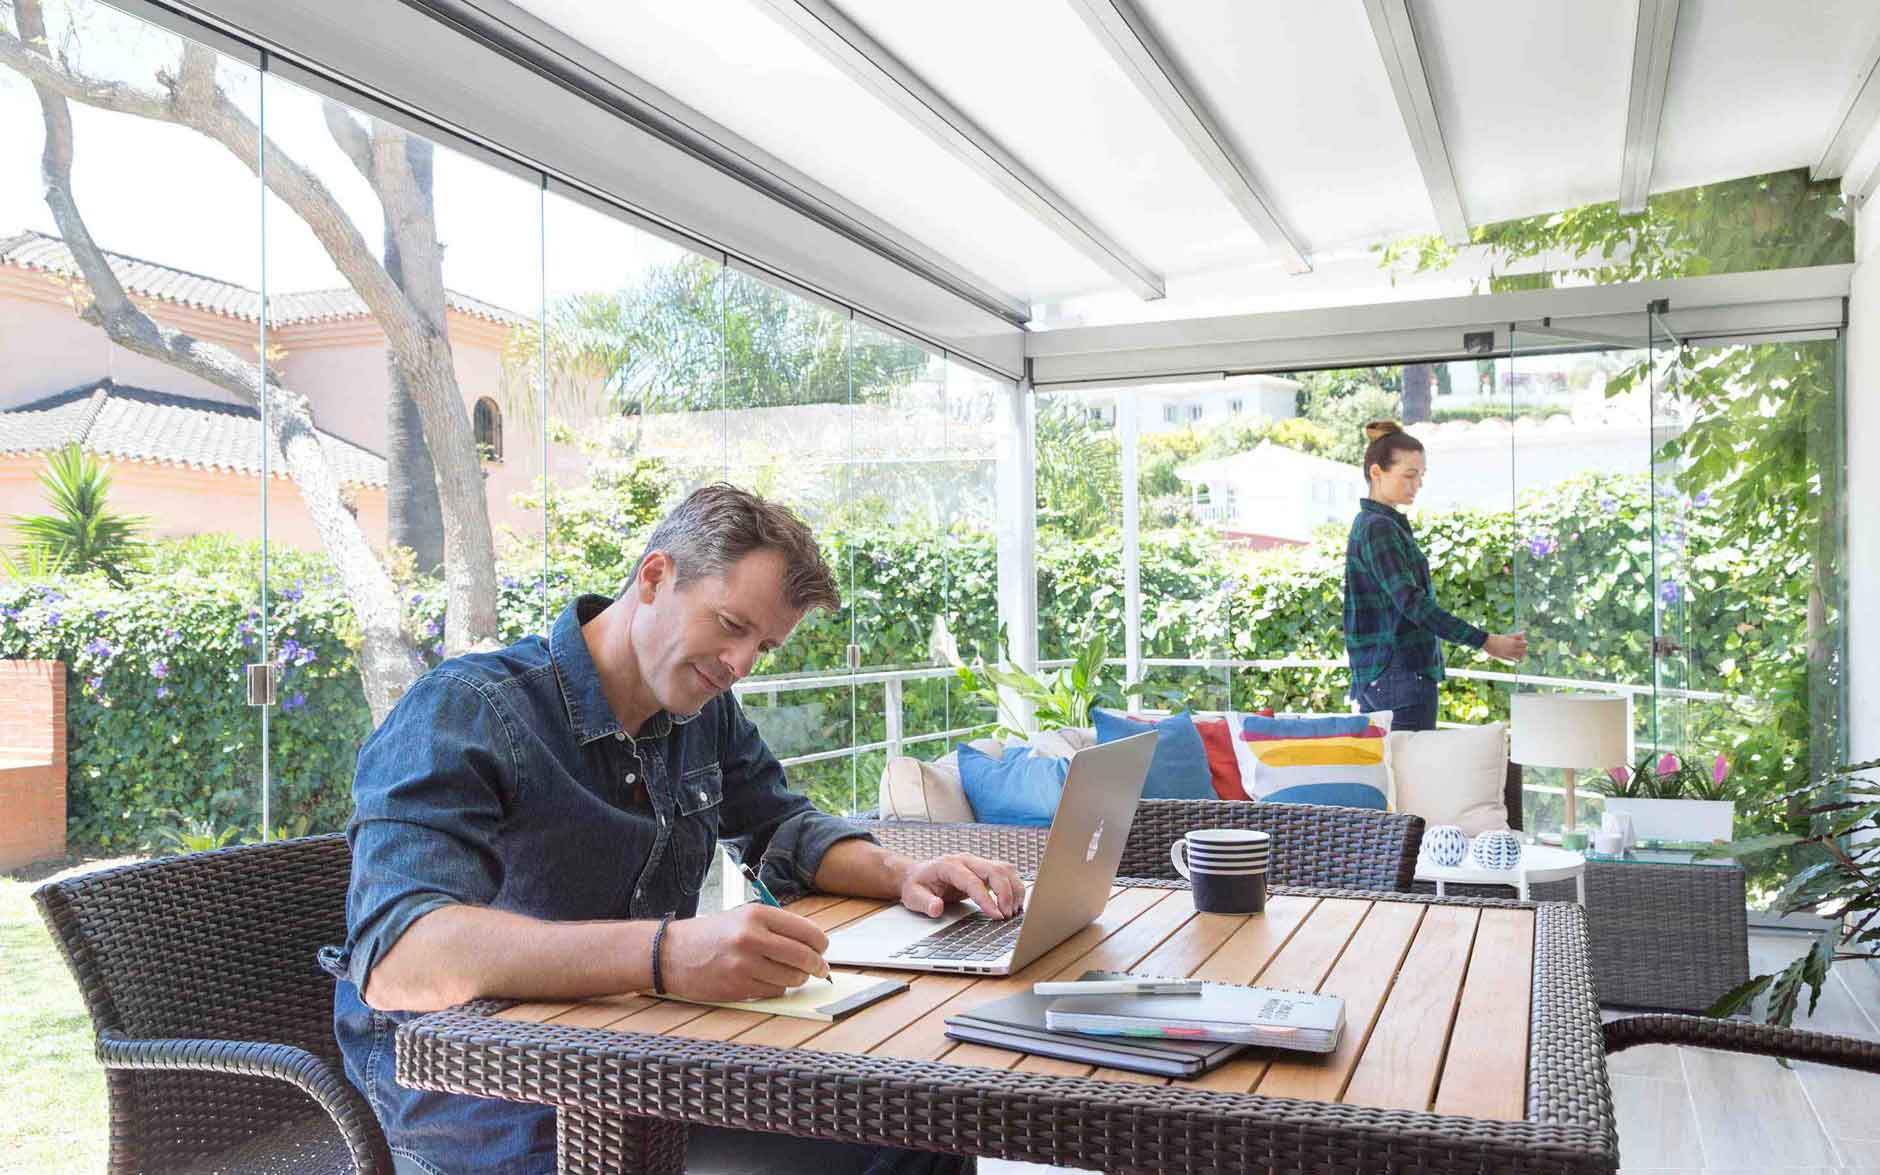 los cristales para porches te permiten poder trabajar en casa, en tu porche, disfrutando de mas luz